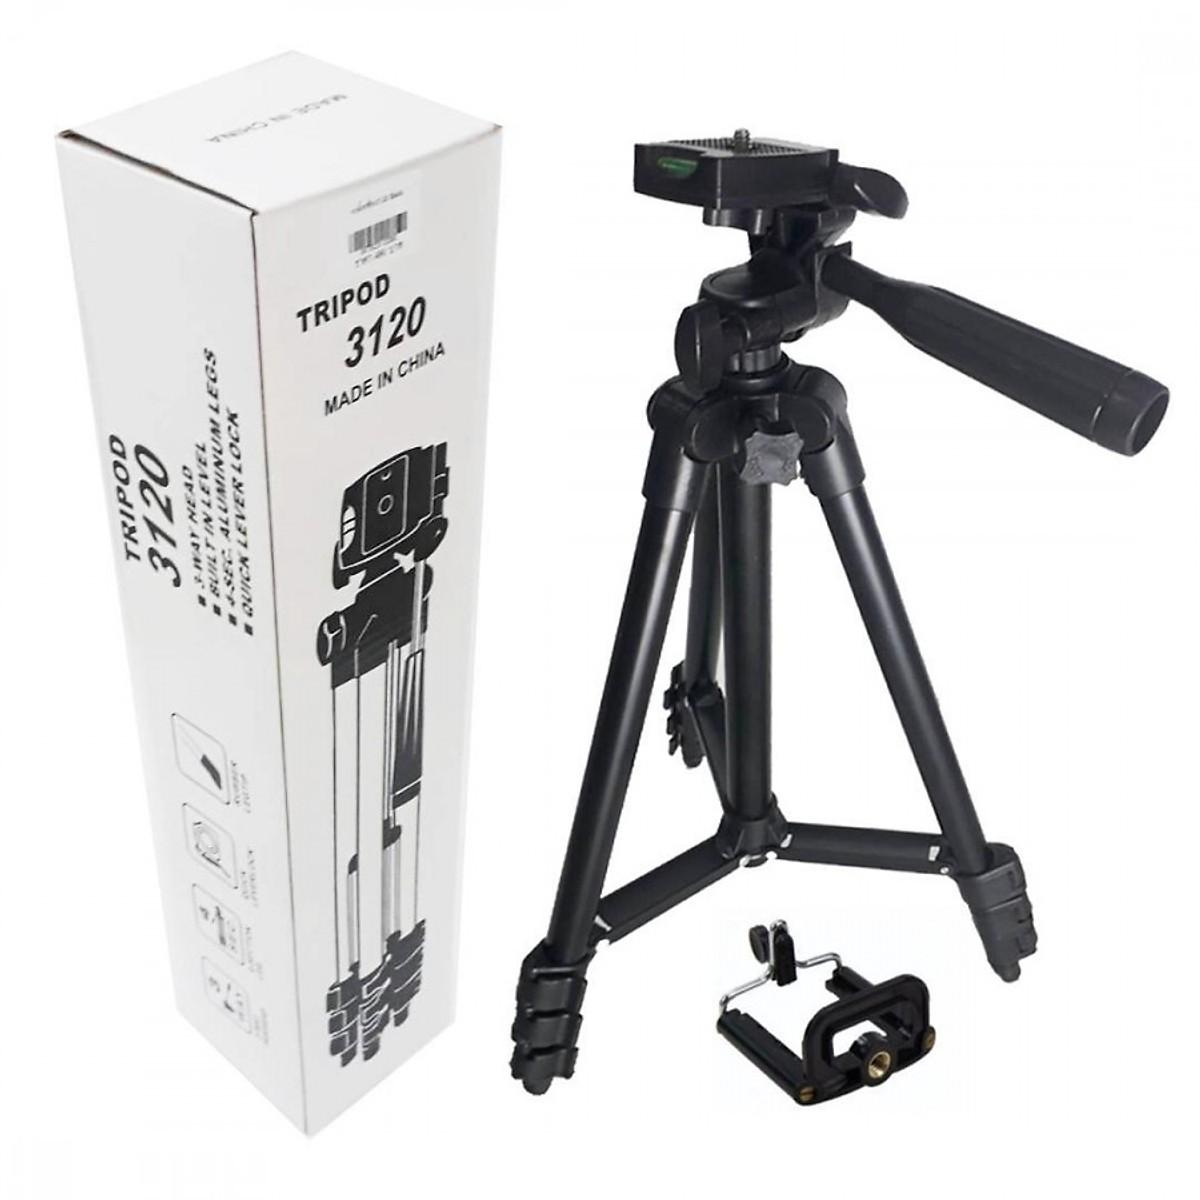 Giá đỡ điện thoại 3 chân 3120 nhỏ gọn, dễ sử dụng để thỏa niềm đam mê chụp ảnh tặng kẹp điện thoại, cáp sạc ANDROID cho điện thoại - lk1984